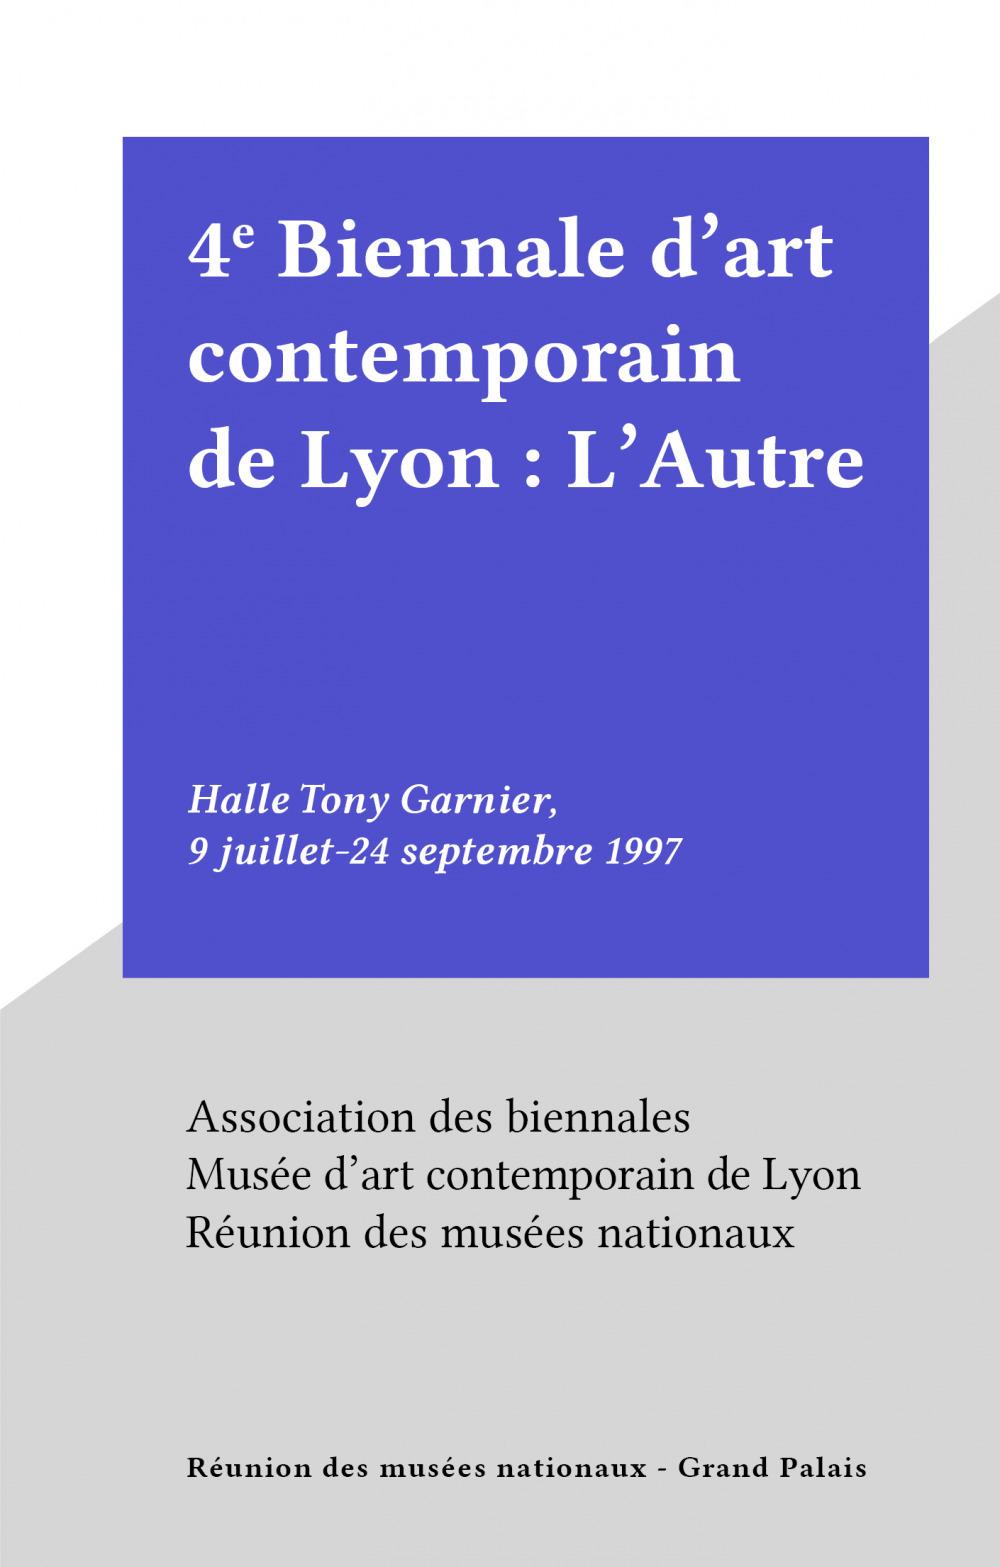 4e Biennale d'art contemporain de Lyon : L'Autre